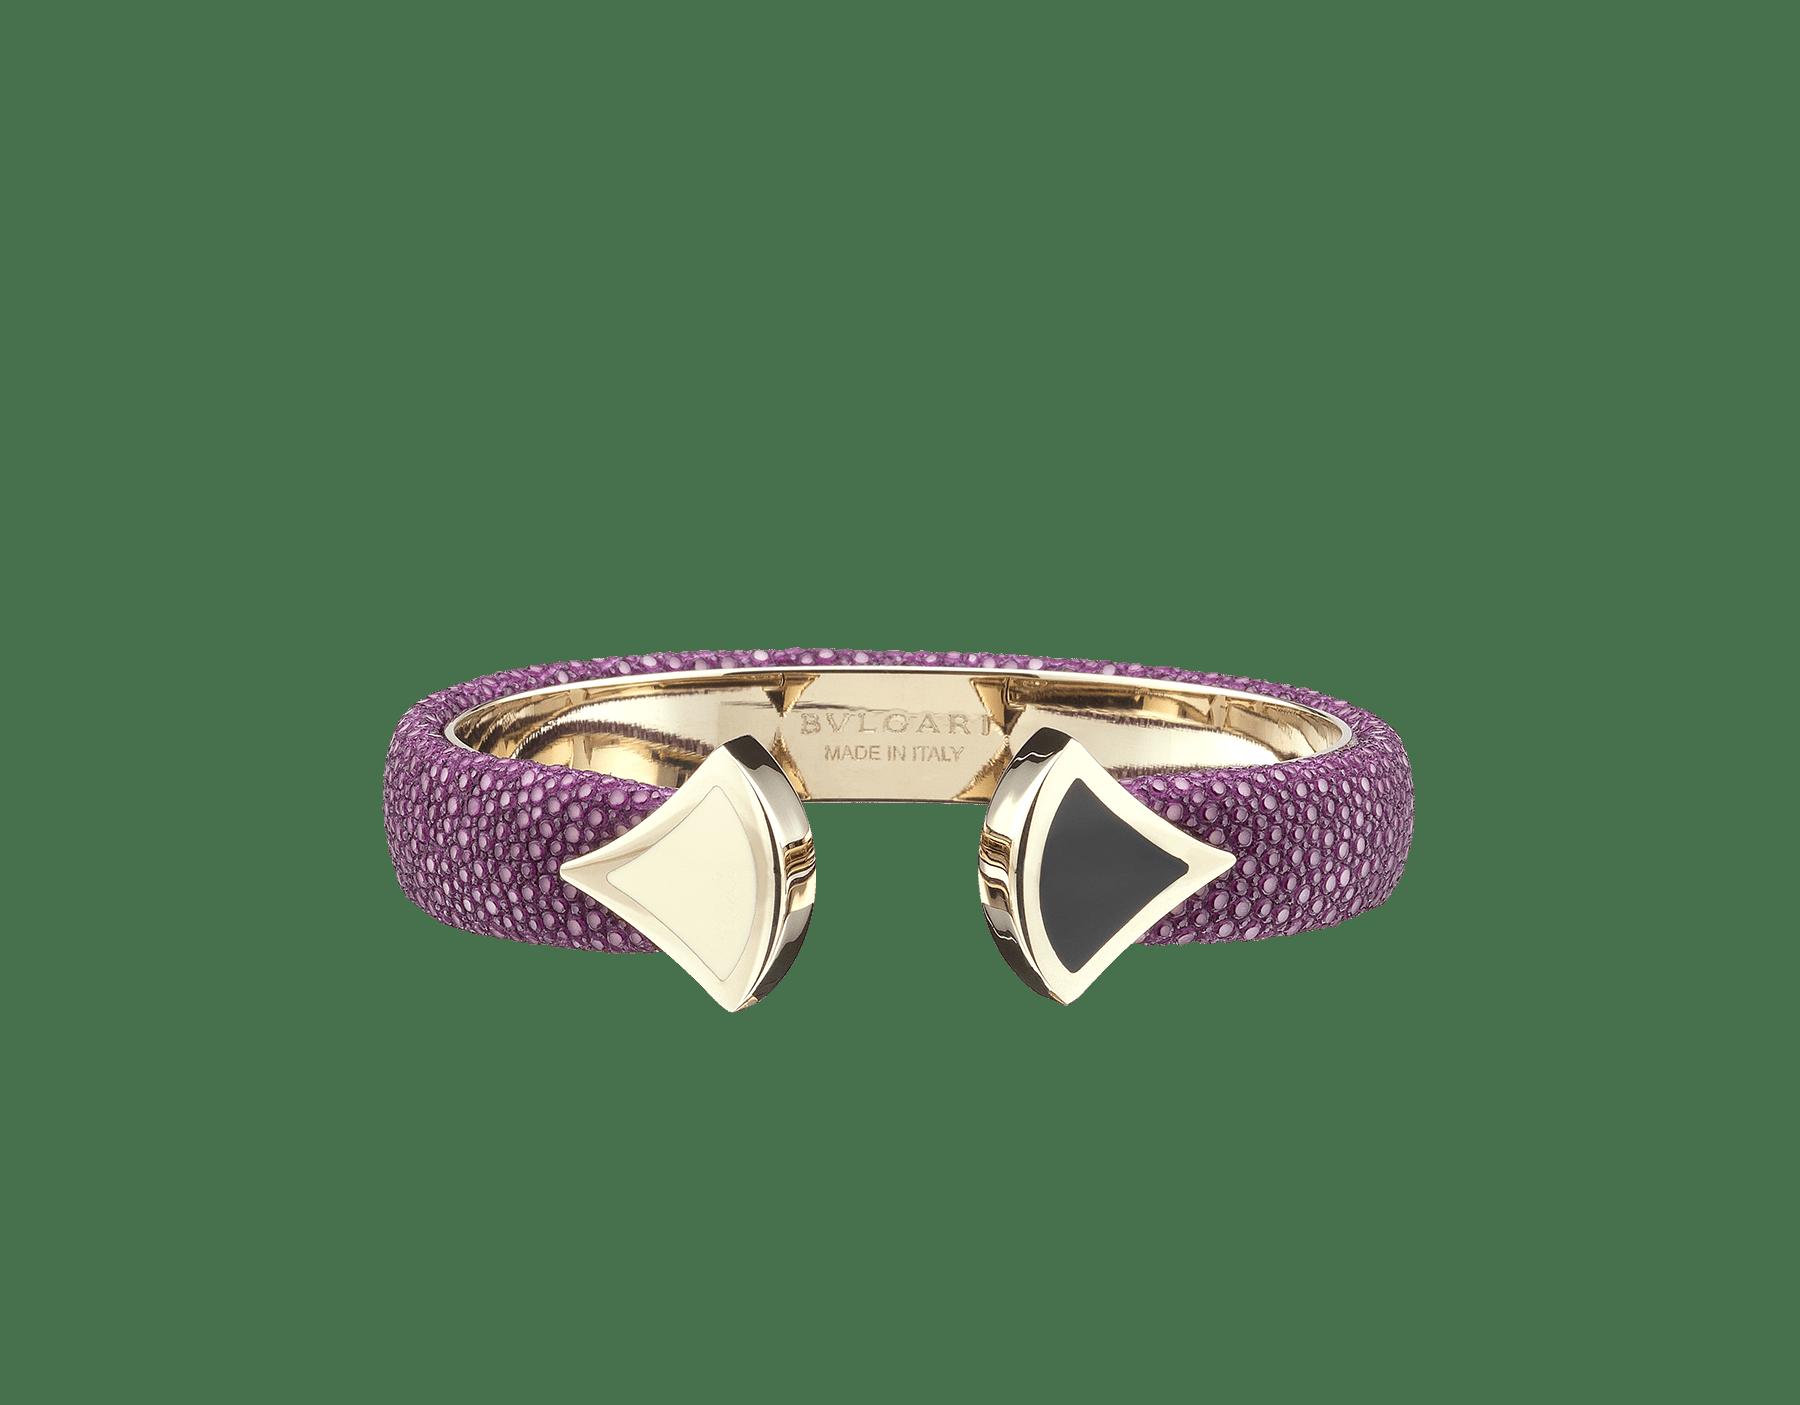 Pulsera de piel de galuchat color jade glicinia con emblemático cierre Contraire con motivo DIVAS' DREAM de latón bañado en oro claro y esmalte blanco y negro. DIVA-CONTRAIR-S image 4